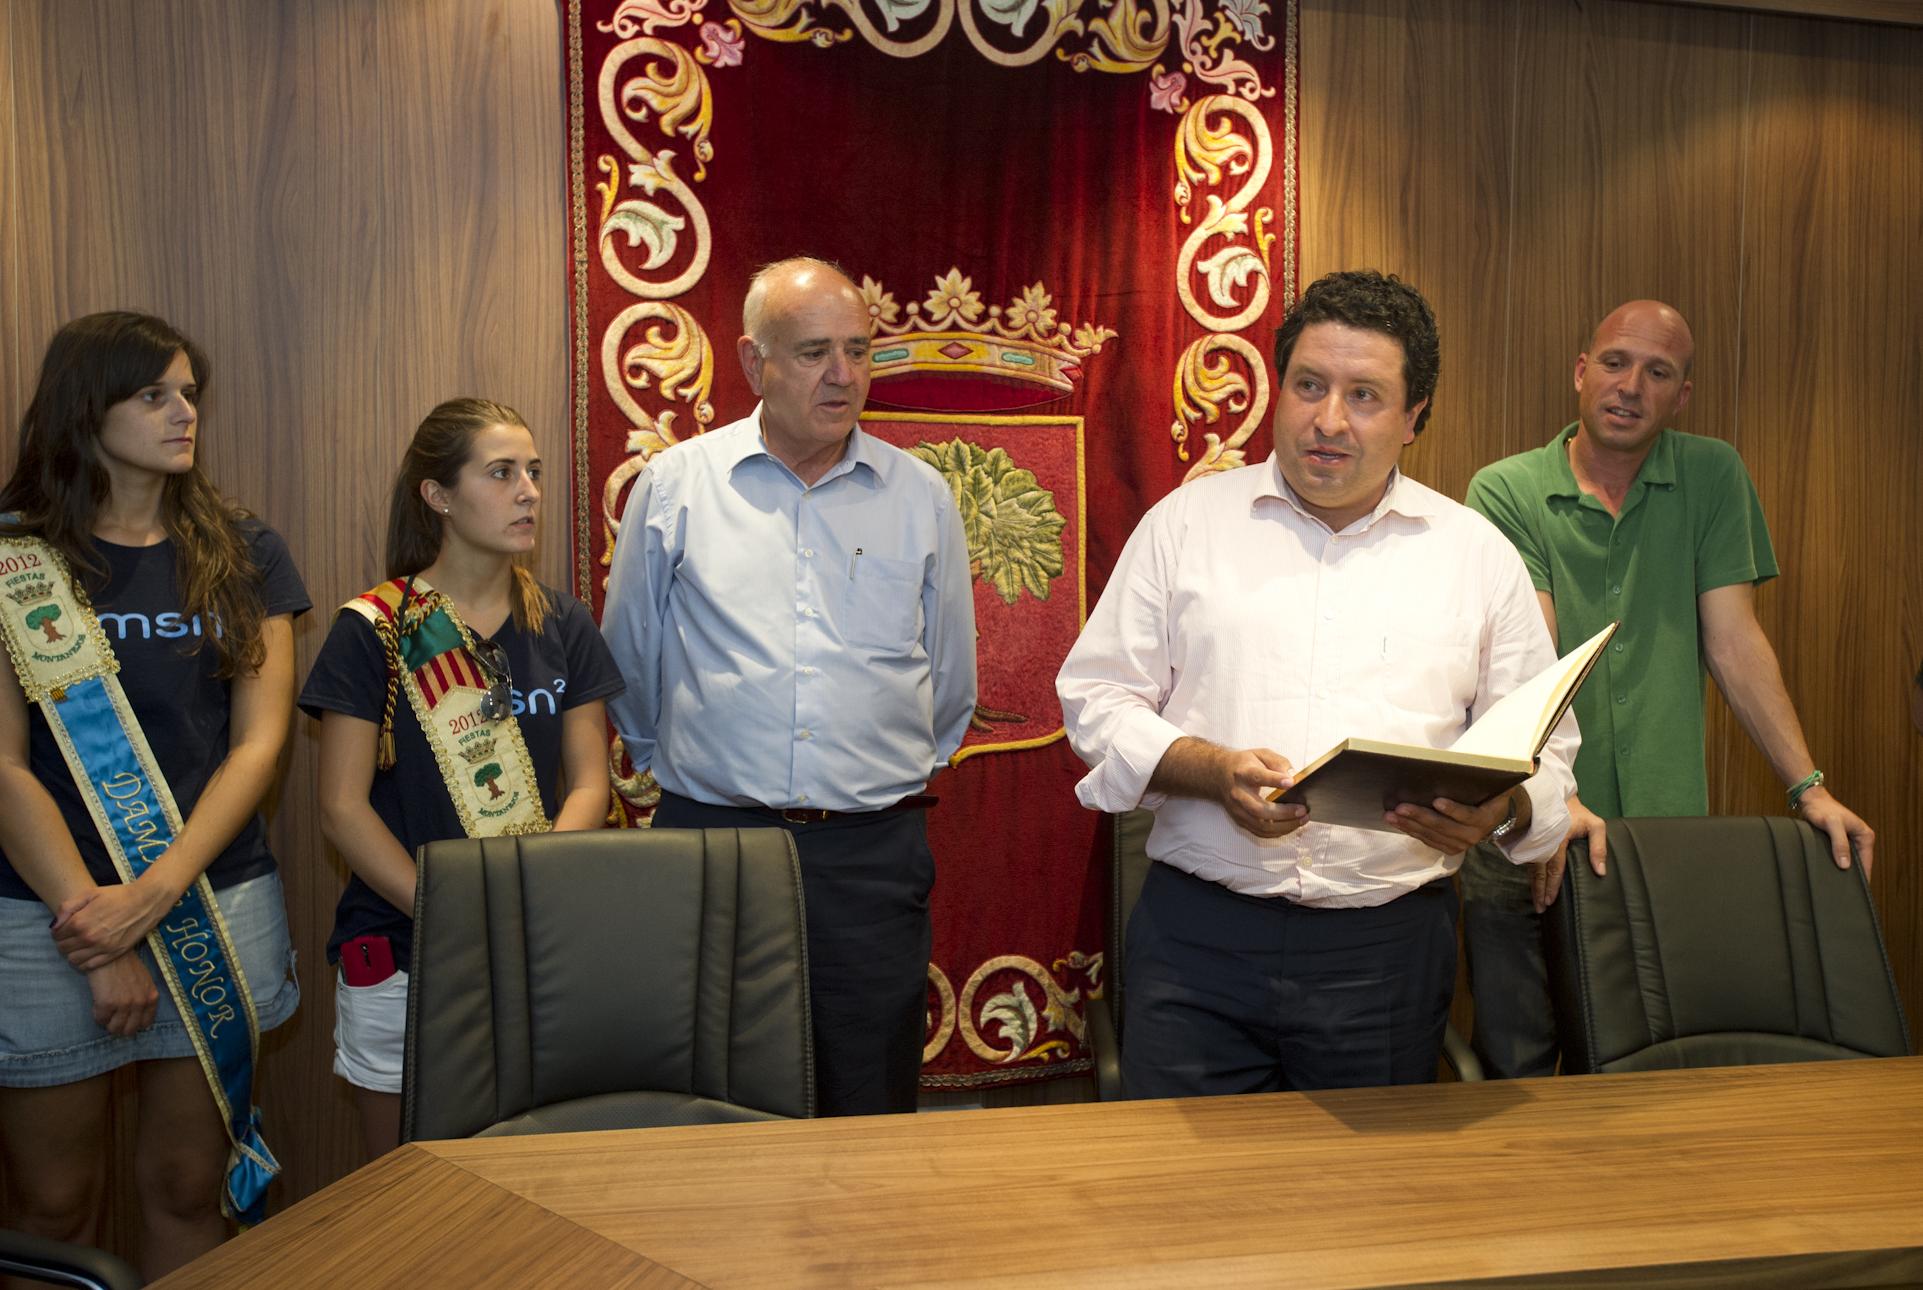 La Diputación de Castellón colabora en la conmemoración del IV centenario de la Carta Puebla de Montanejos (1612-2012)